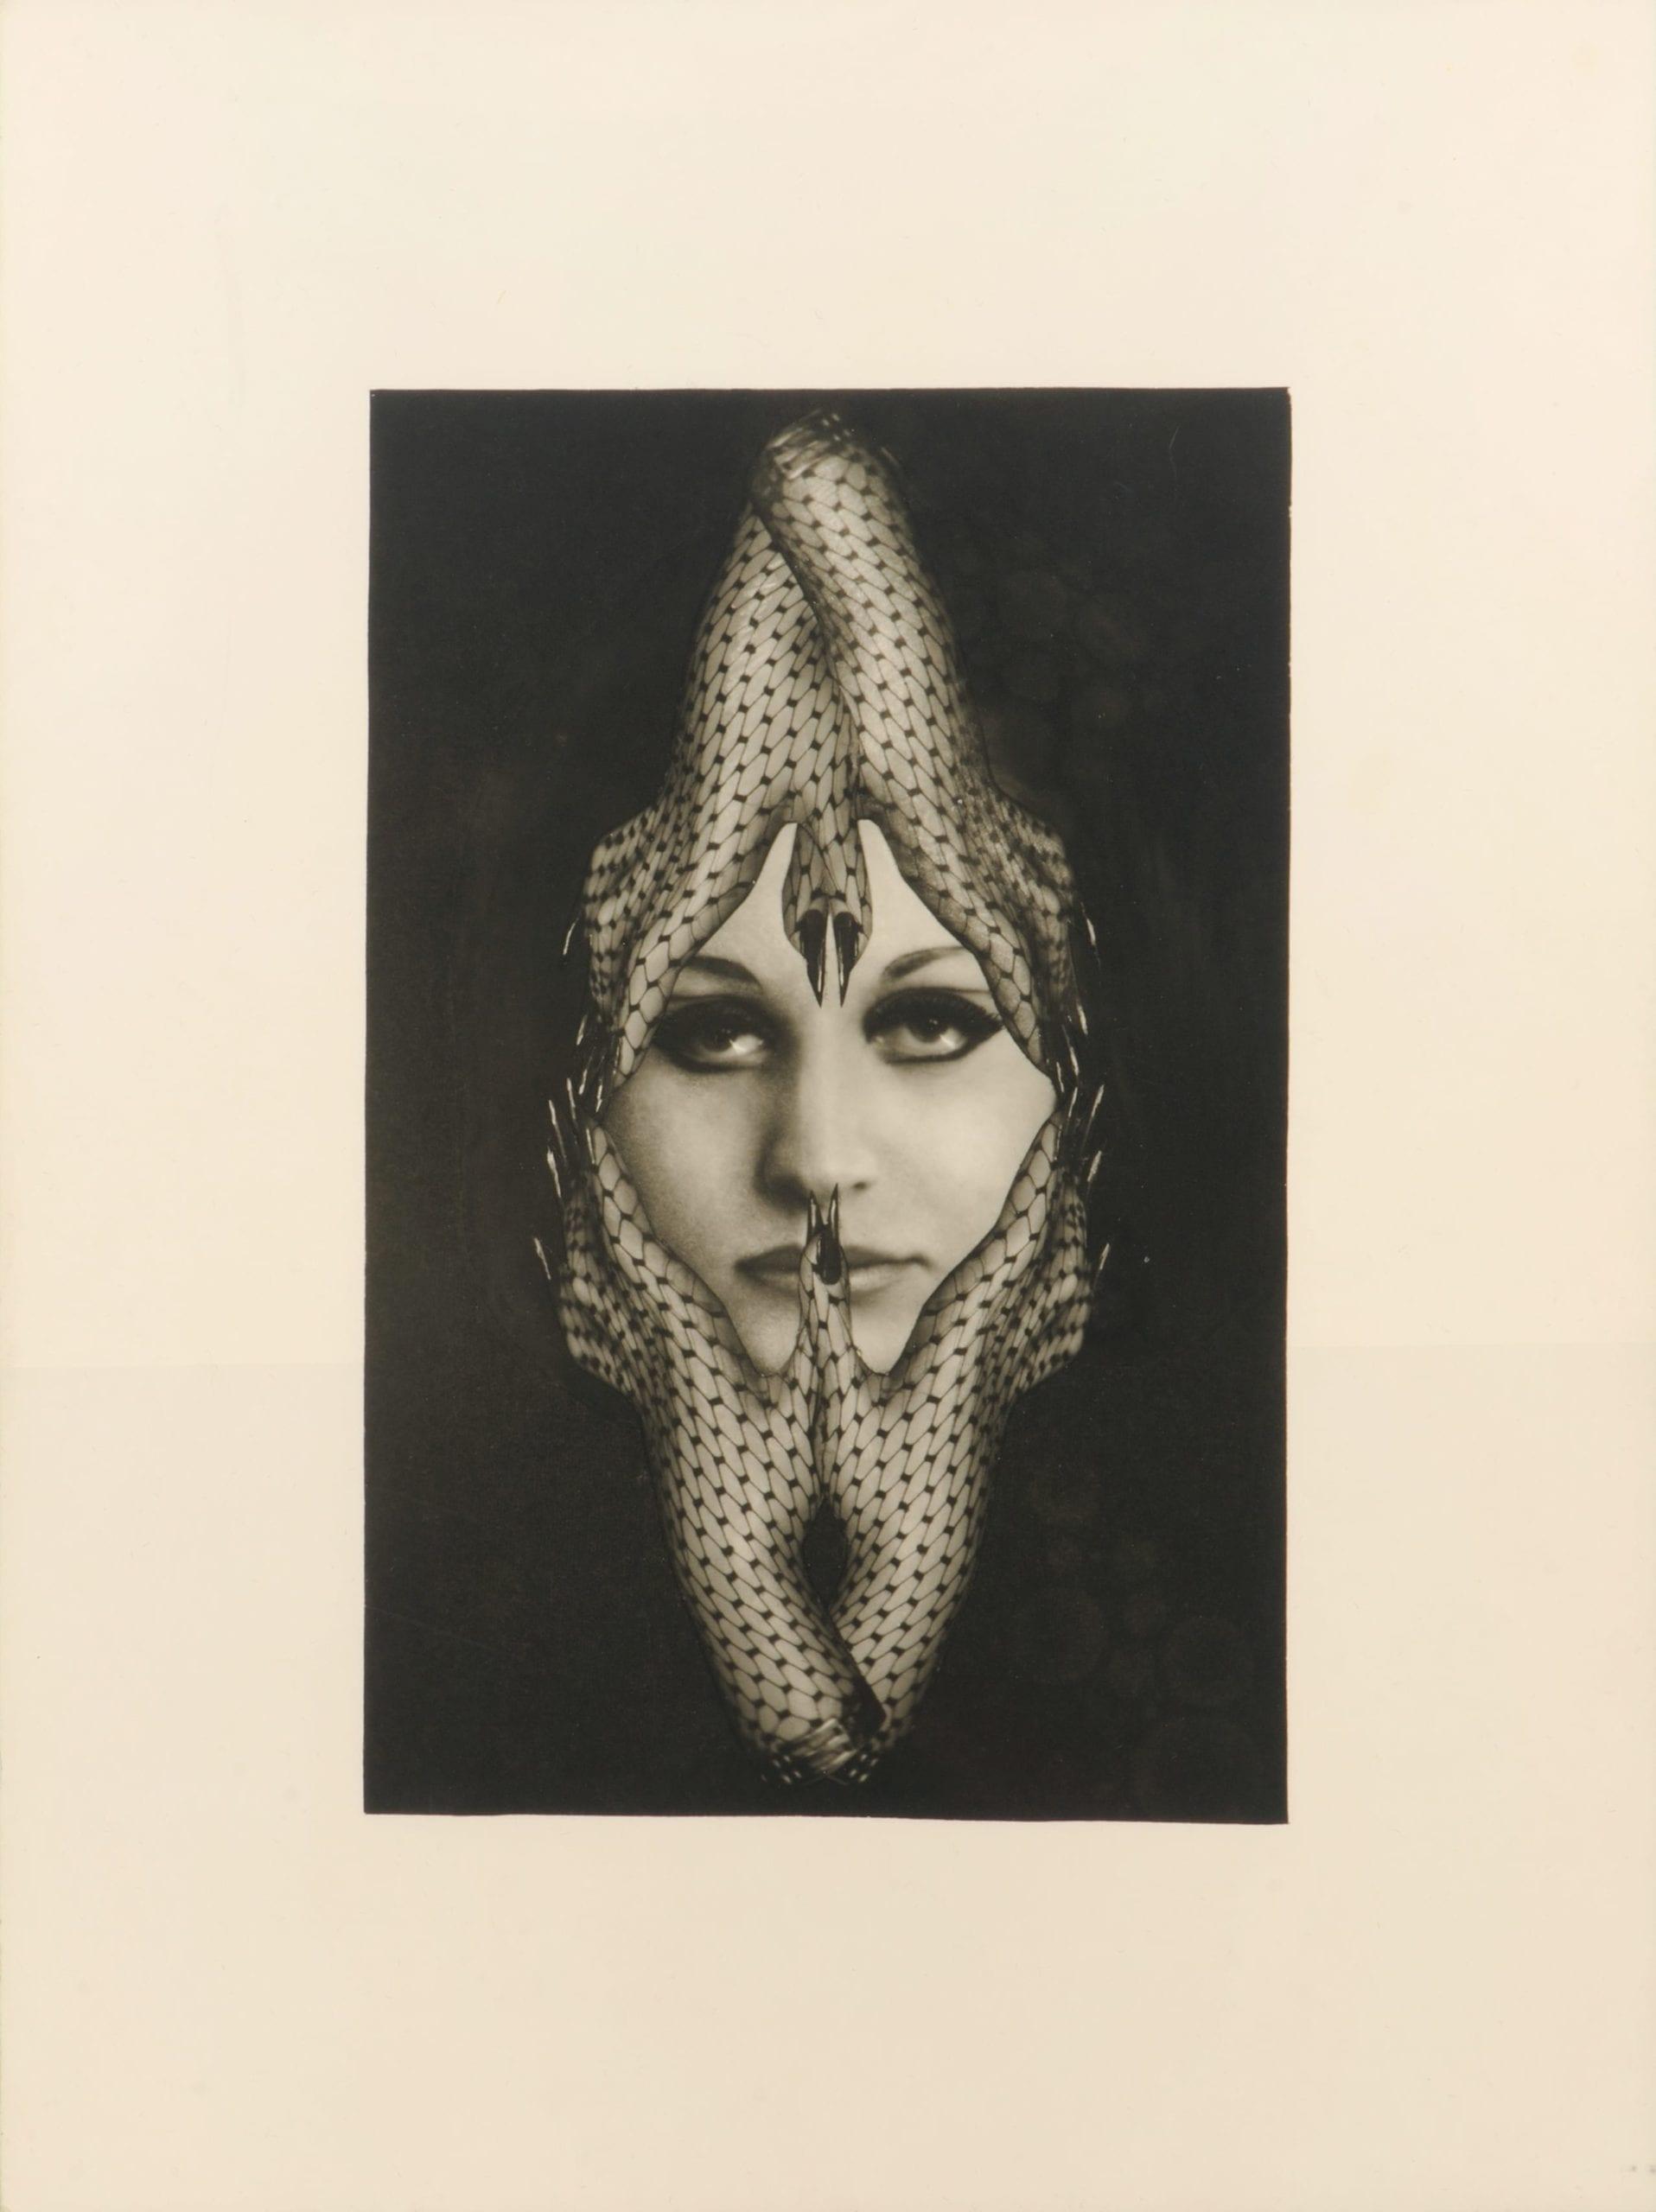 Hanel 1, planche n°30 du Chaman, tirage argentique d'époque © Artcurial